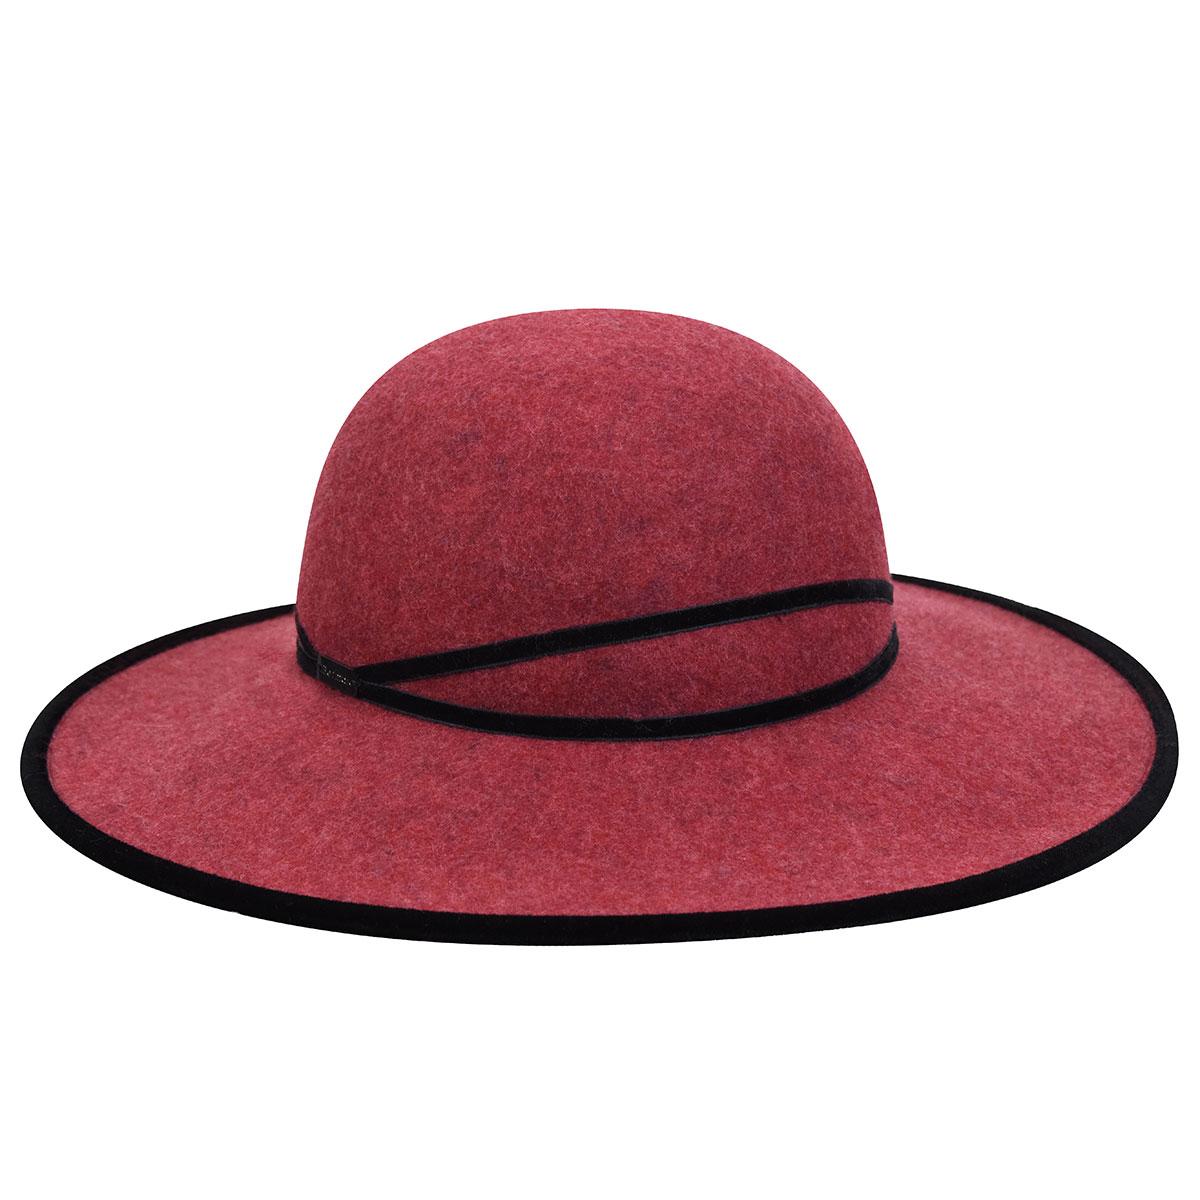 Betmar Marseille Wide Brim Hat in Strawberry